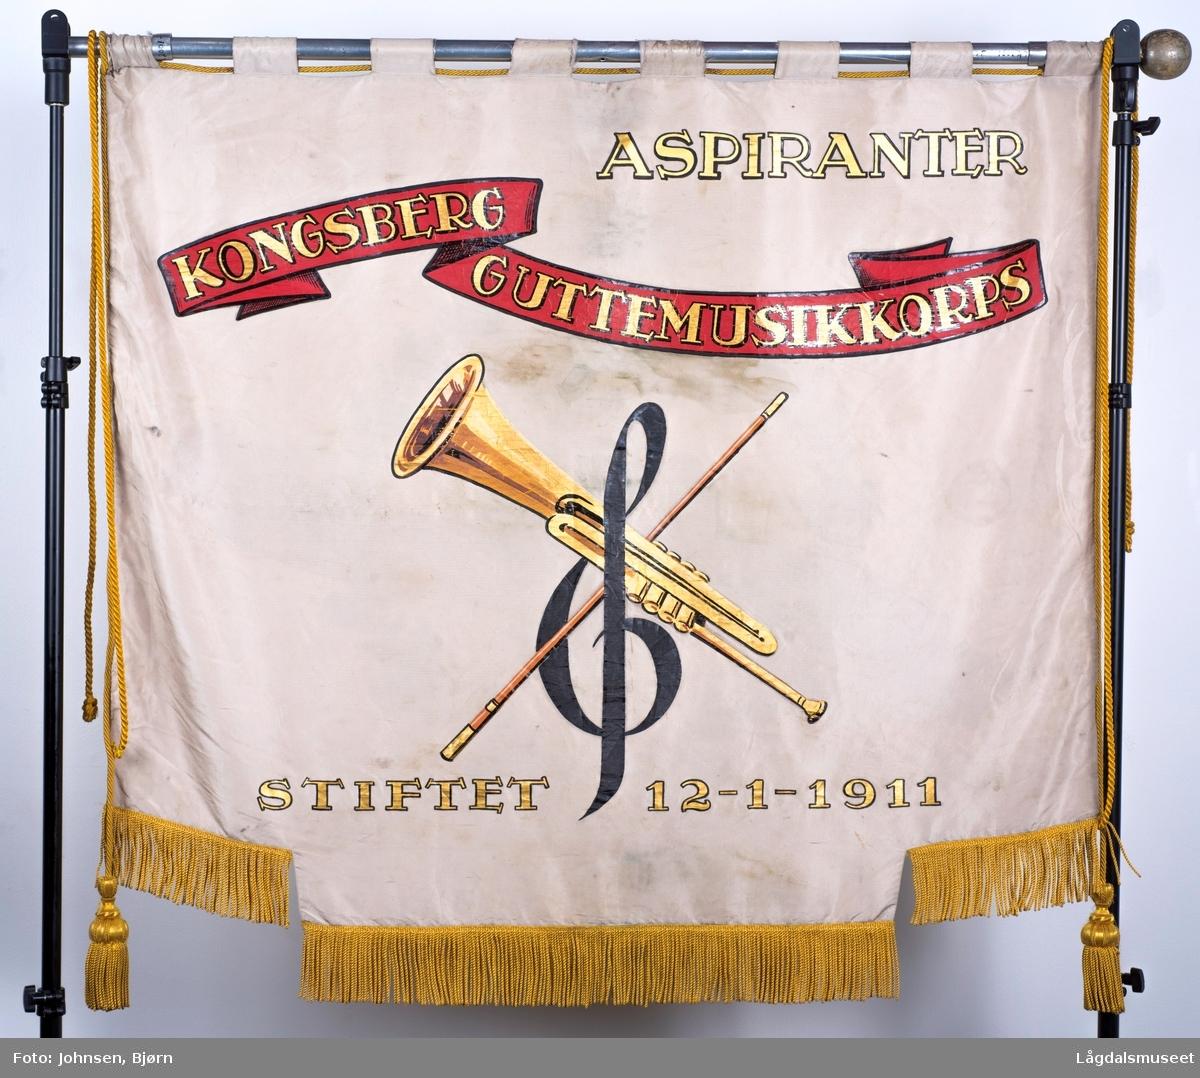 """På framsiden er det en trompet, en g-nøkkel og en dirigentpinne. Innskriften på framsiden sier: """"Aspiranter, Kongsberg Guttemusikkorps, Stiftet 12-1-1911"""" På baksiden er det avbildet Kongsbergs våpenskjold med en krans av eikeblader med nøtter. Eikebladene er et norrønt symbol på selve livet. Det er også et banner med noter som går på tvers av fanens bakside."""